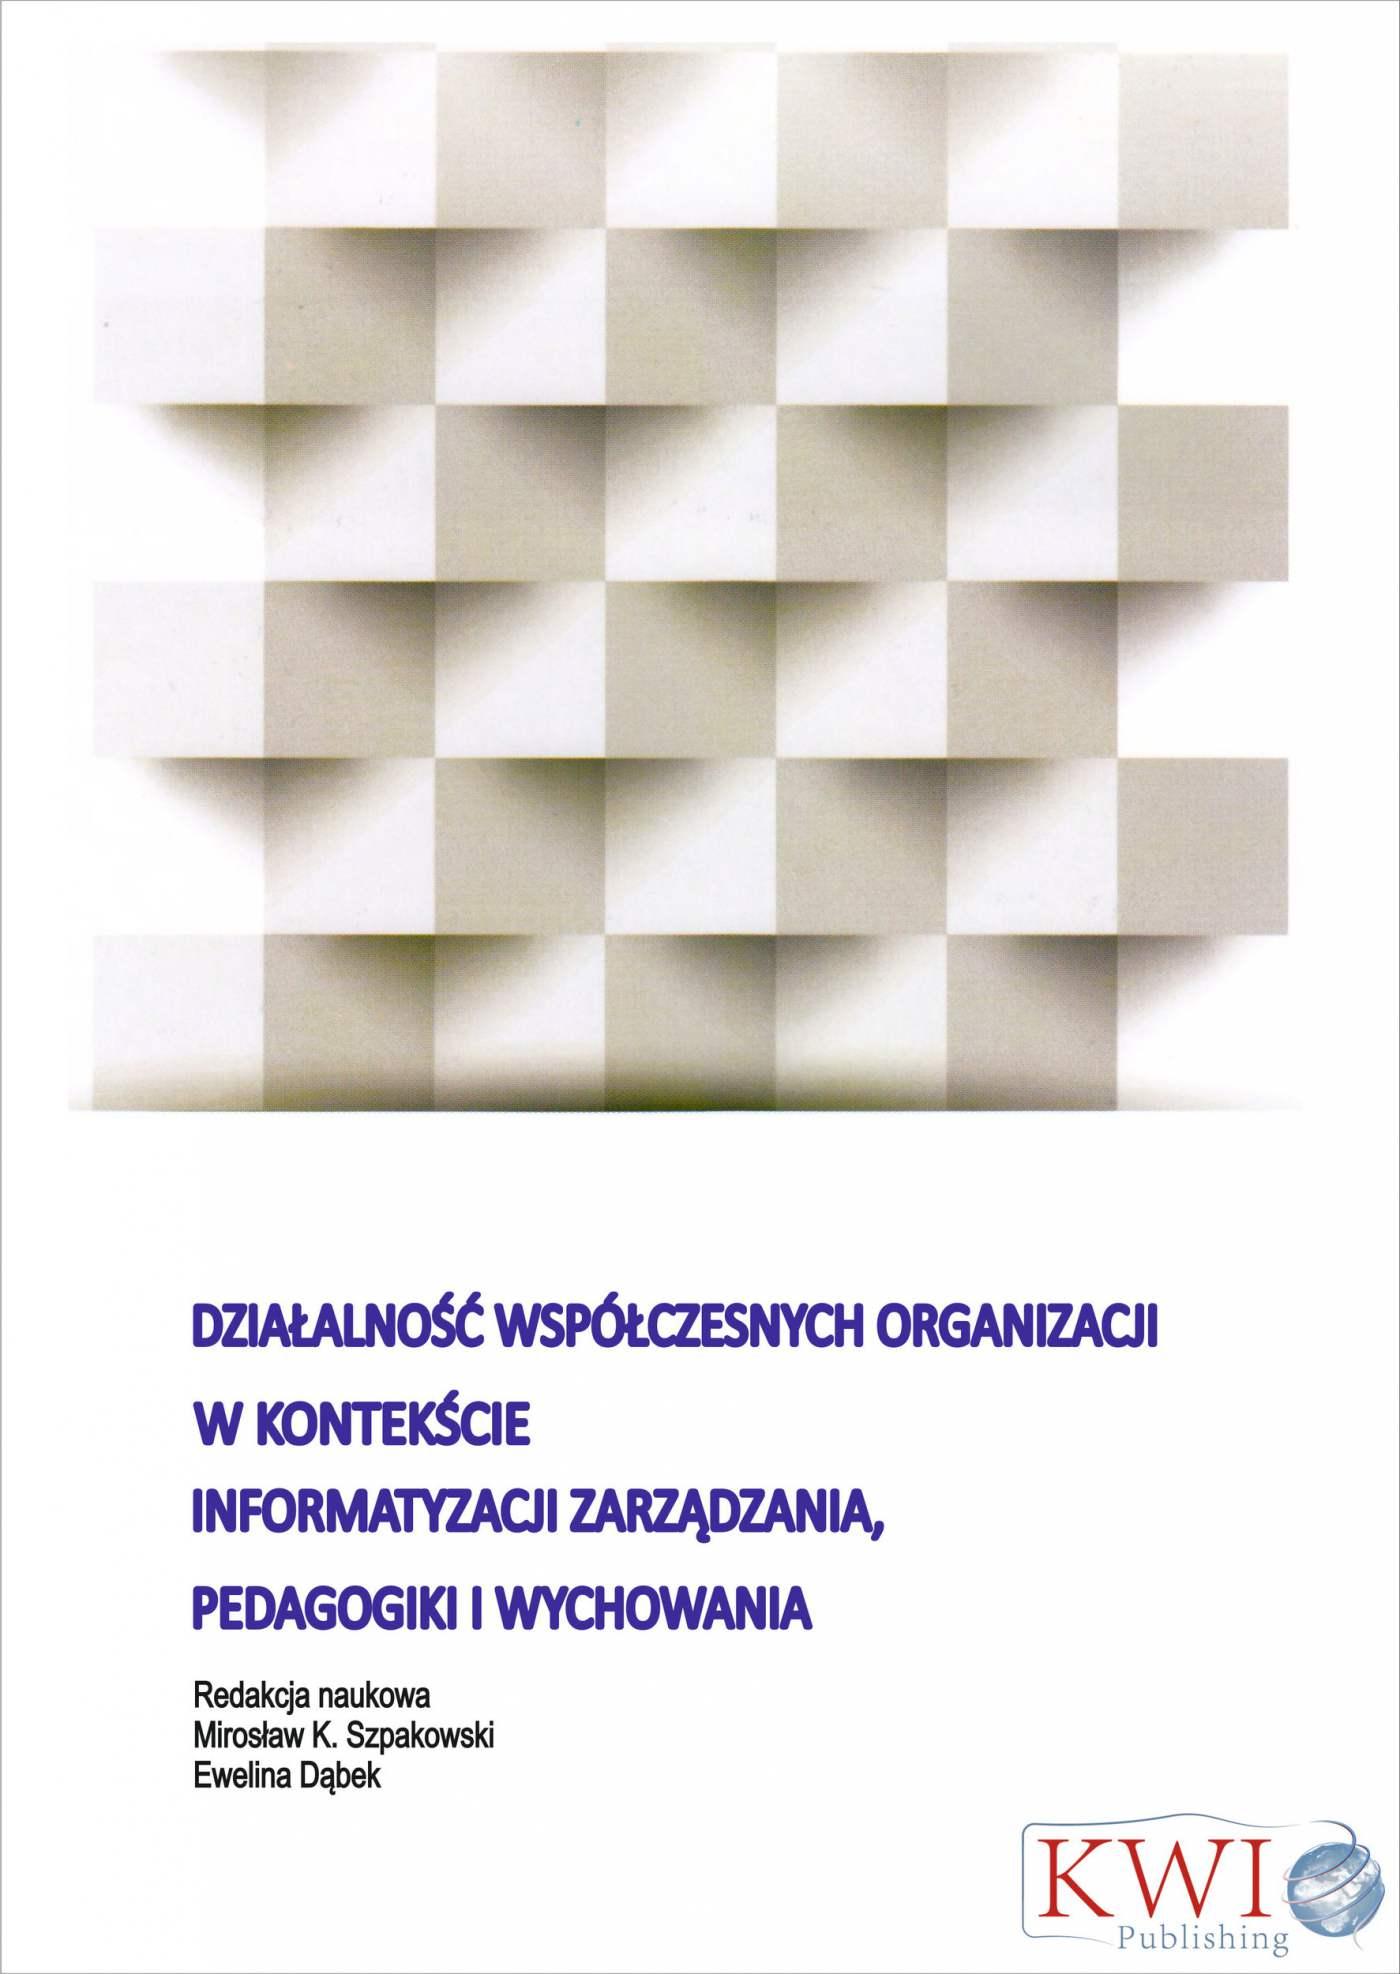 Działalność współczesnych organizacji w kontekście informatyzacji zarządzania, pedagogiki i wychowania - Ebook (Książka PDF) do pobrania w formacie PDF